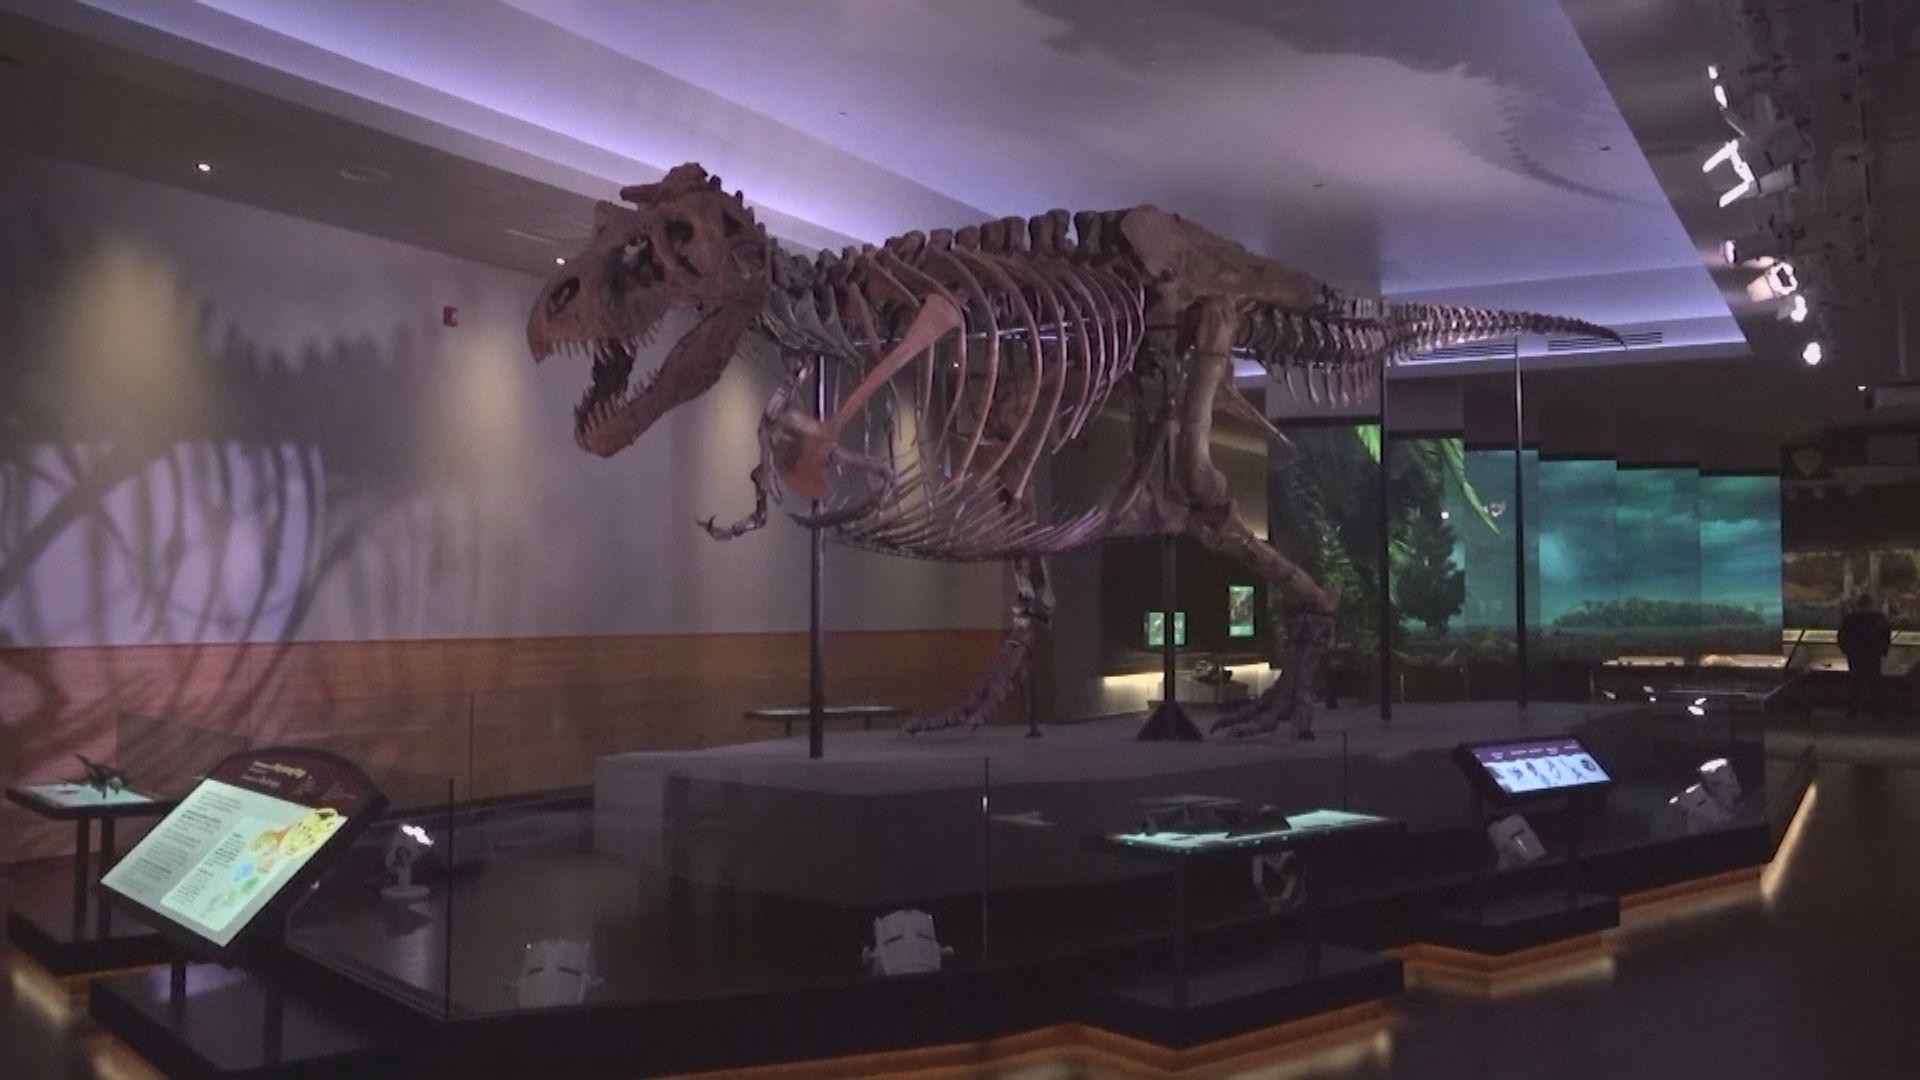 【環球薈報】古生物學家估算約25億隻暴龍曾存在於世